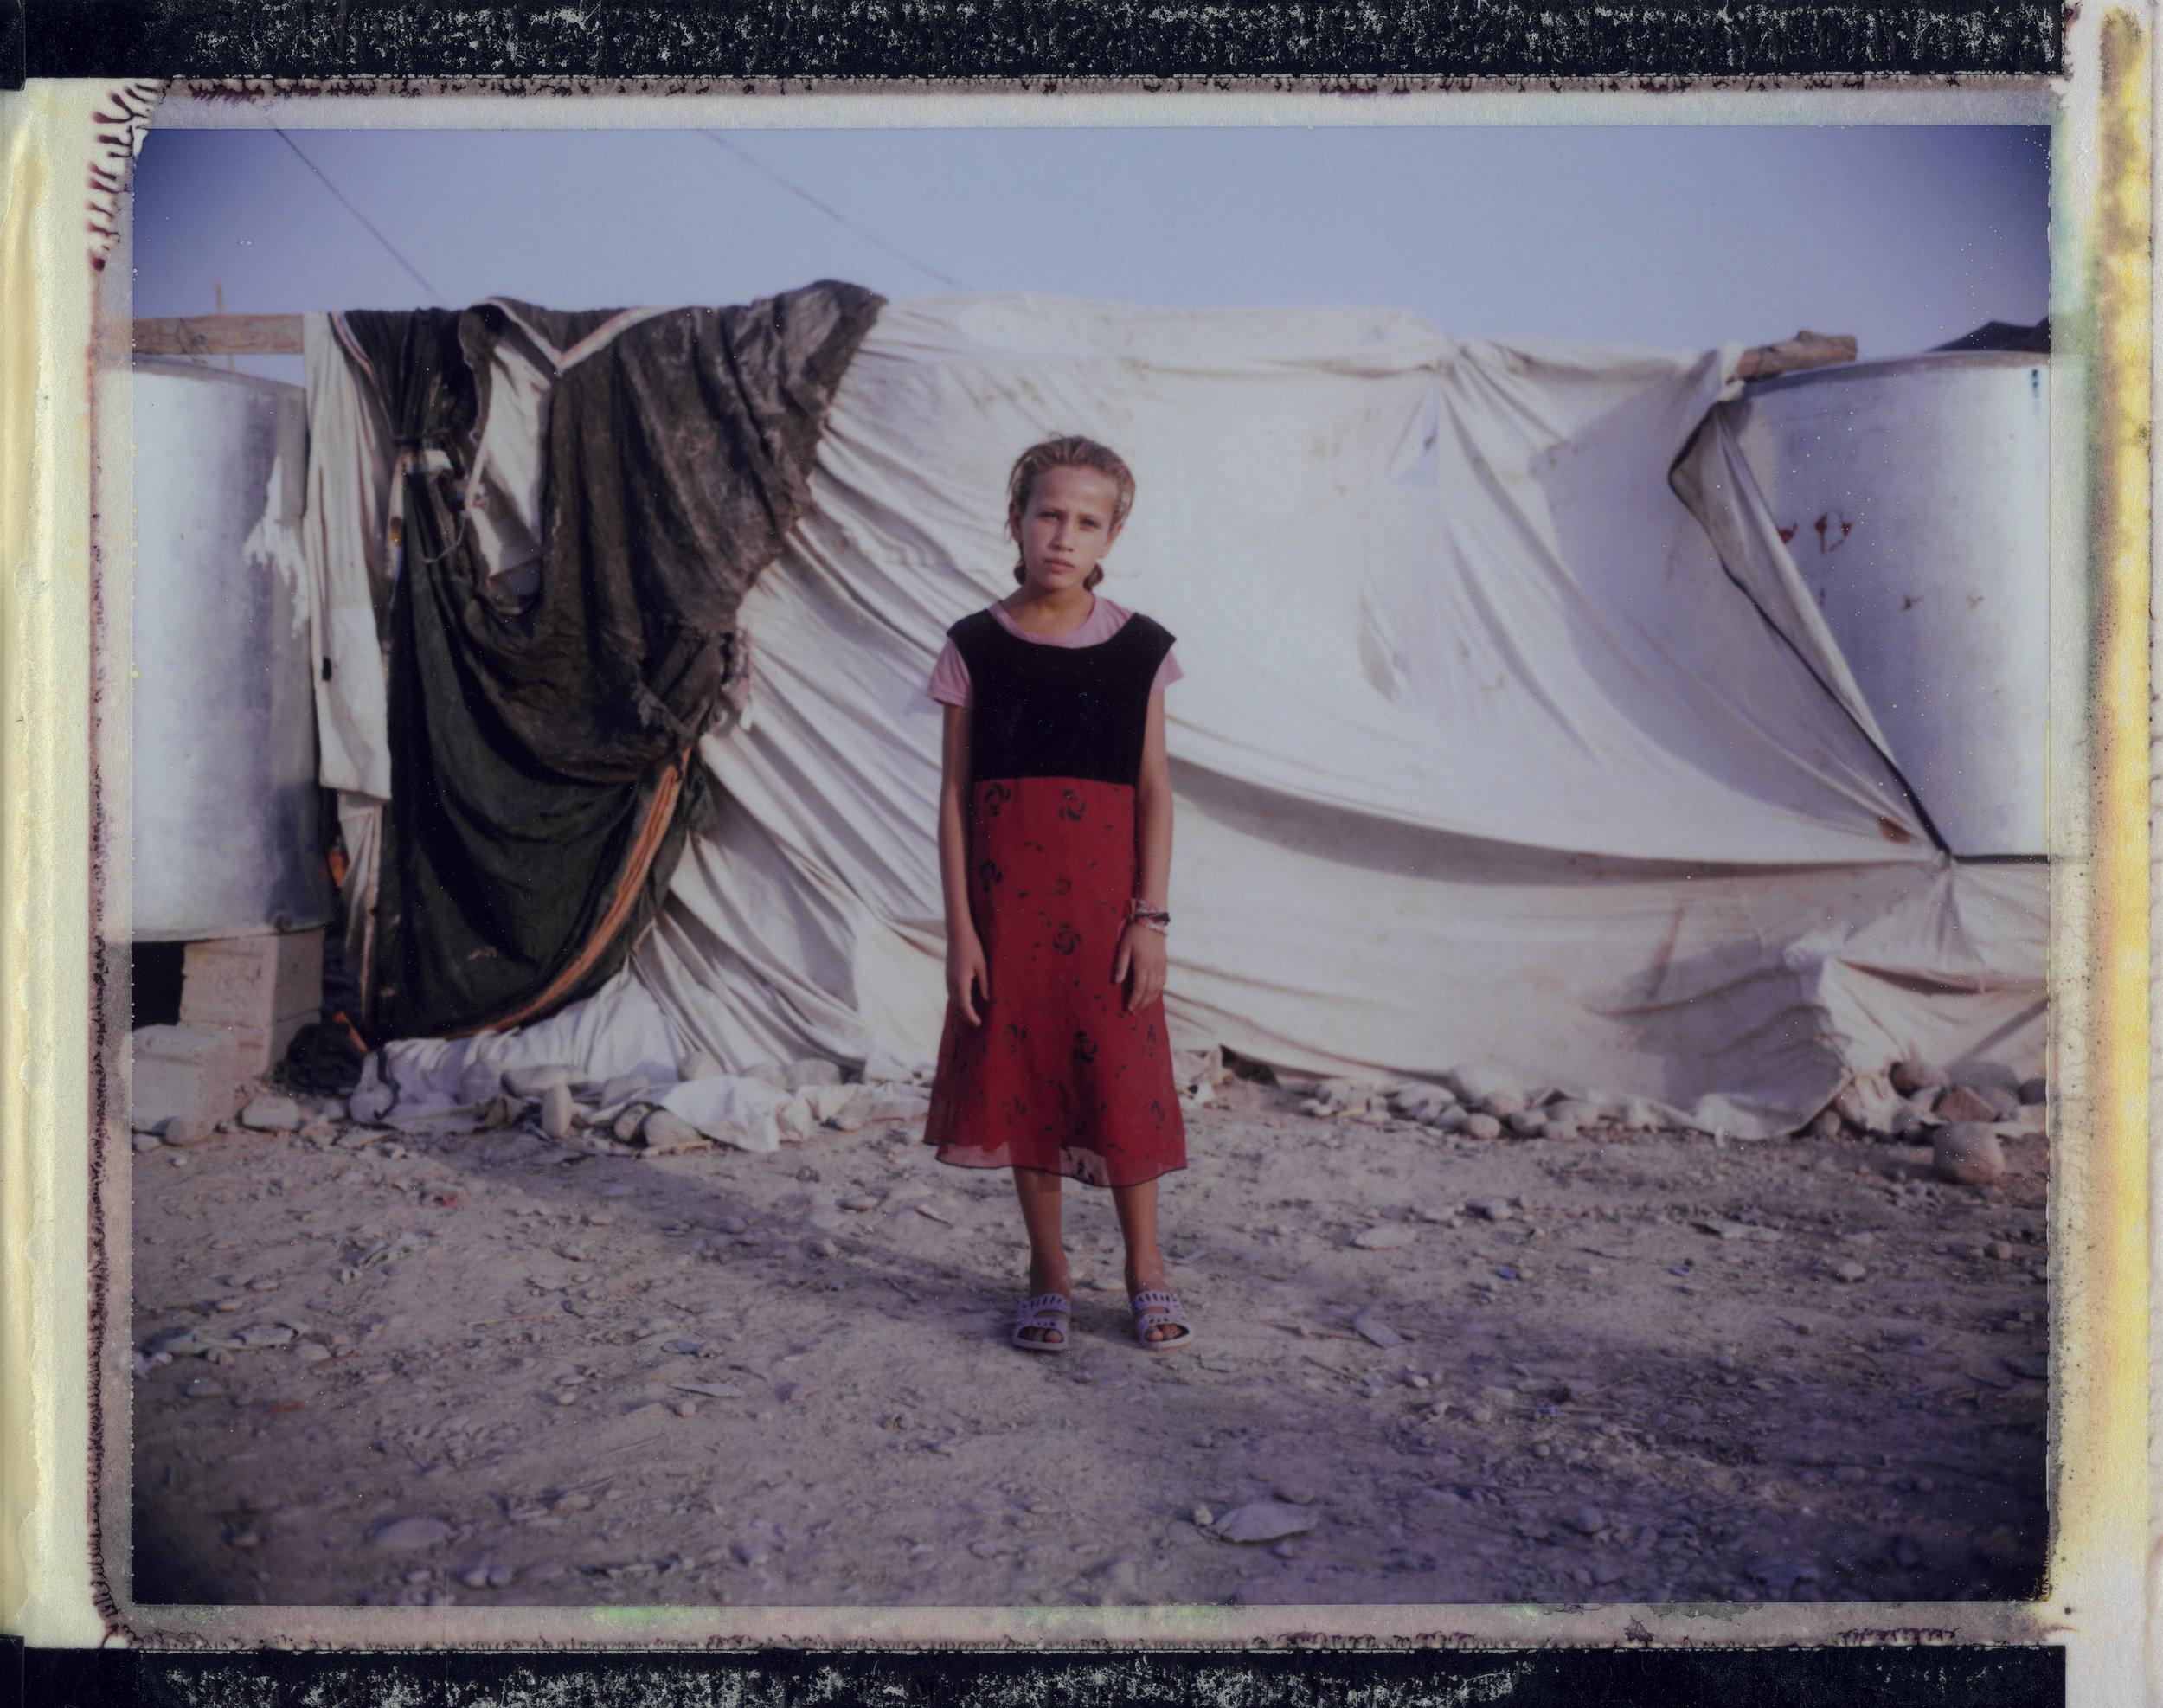 IRAQ_POLAROIDS_001.jpg